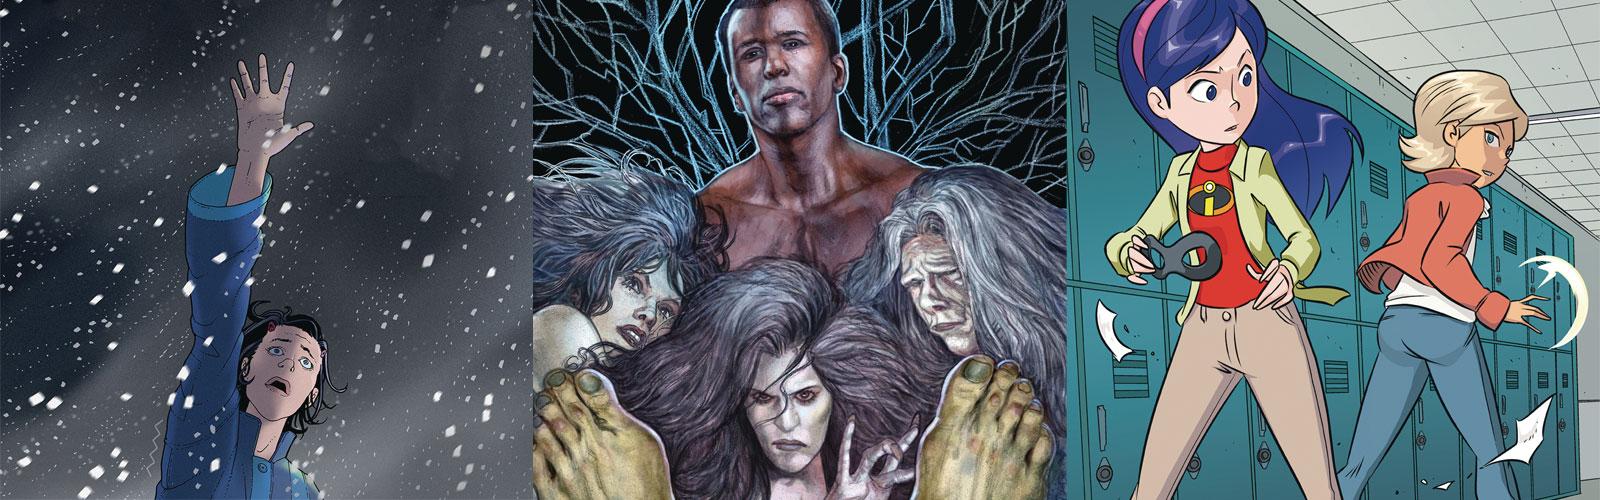 Solicitations: April 2019 – Dark Horse Comics